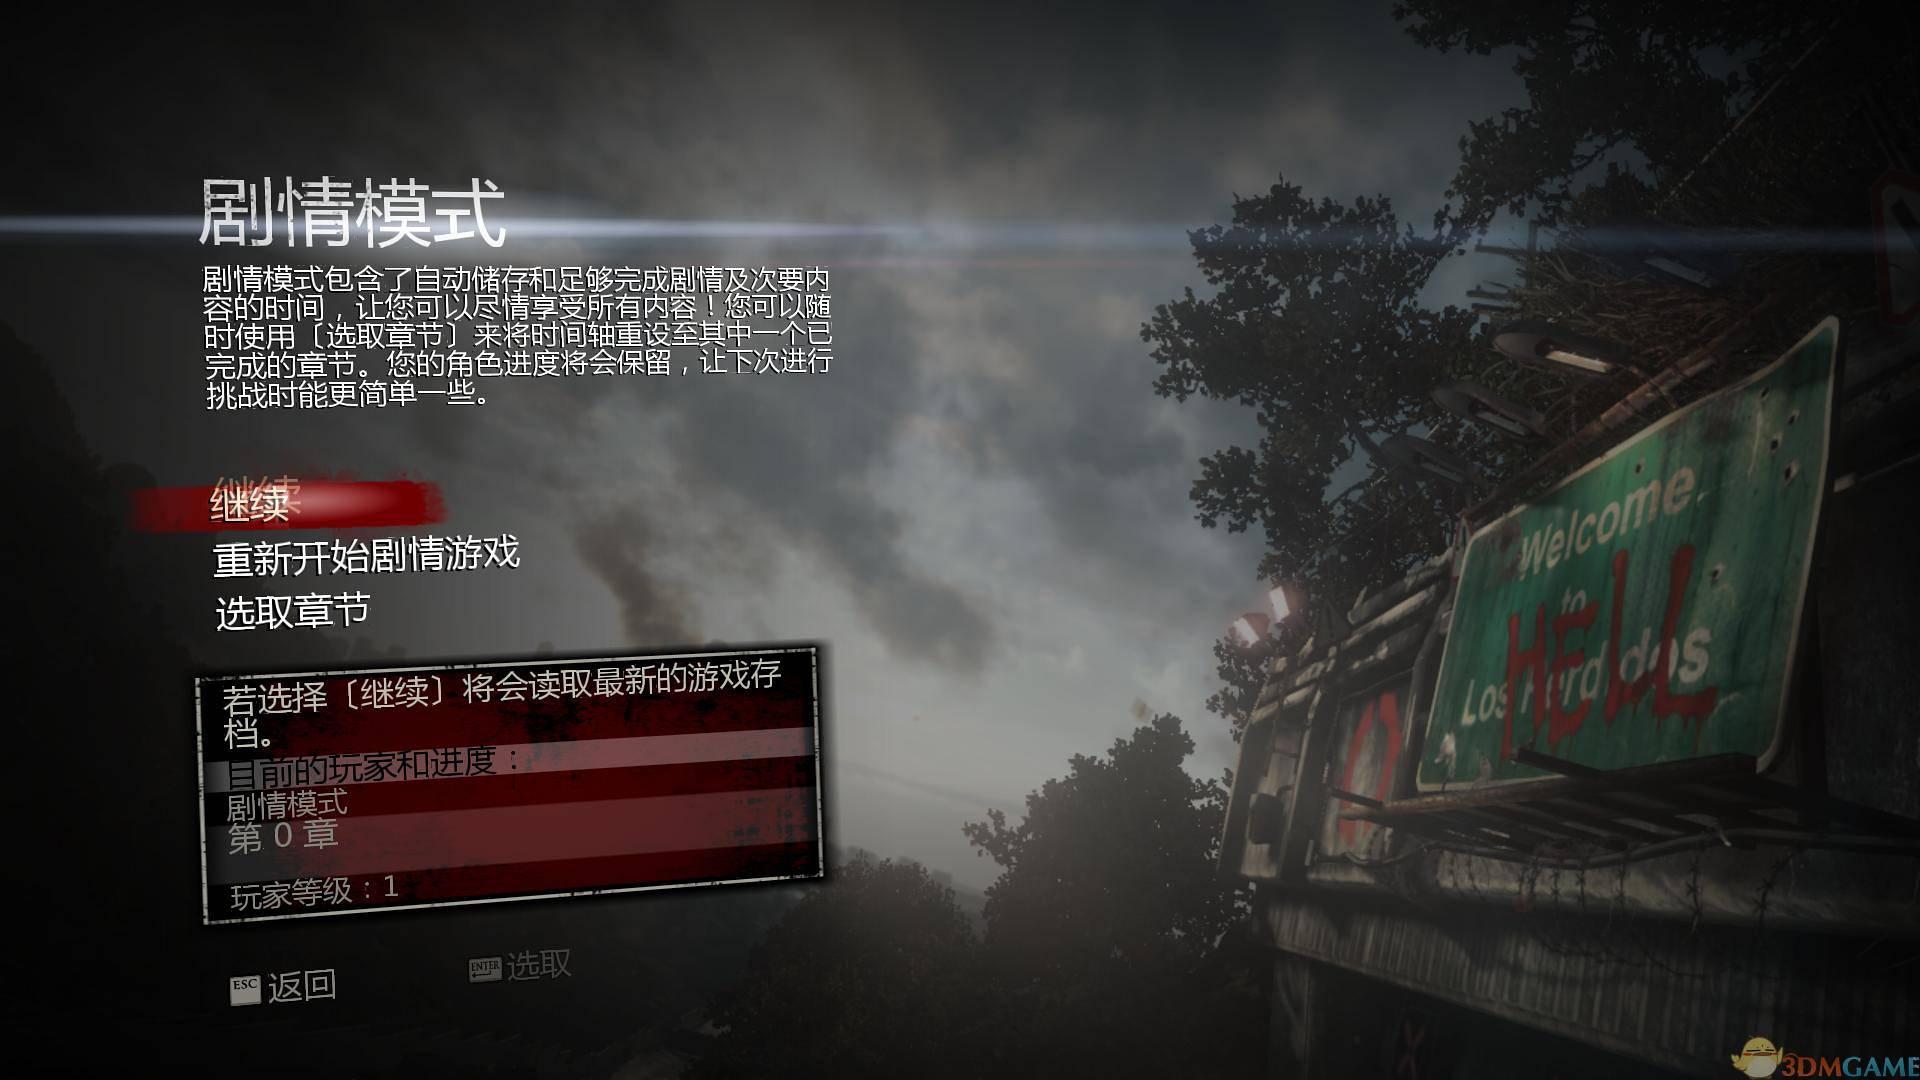 丧尸围城3:天启版 1号升级档+破解补丁[CODEX]